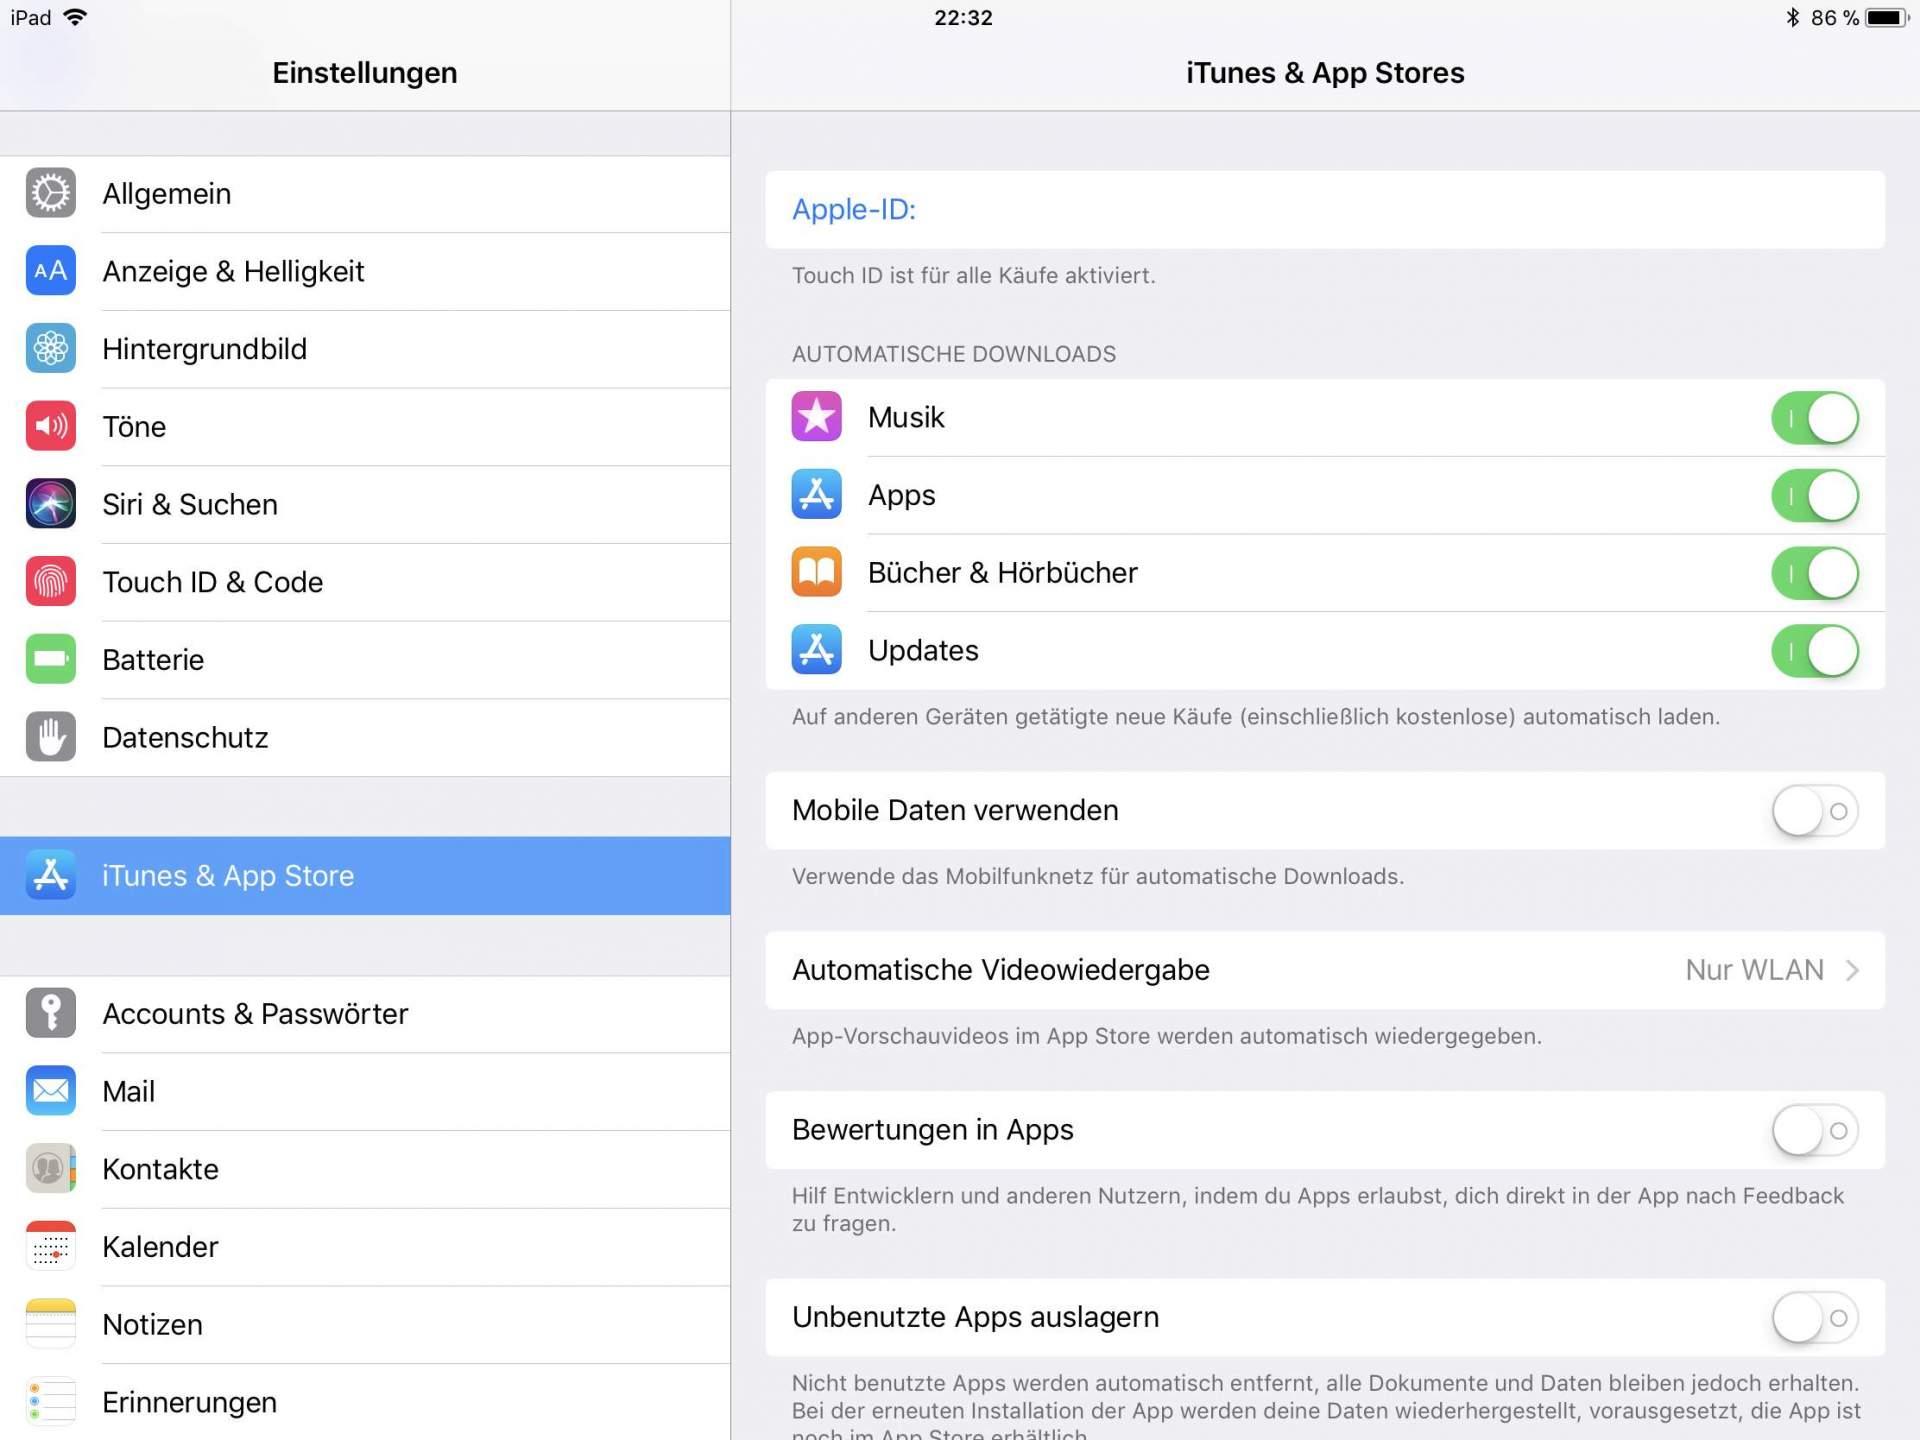 Die automatische Update-Funktion hält Medien und Apps auf dem neuesten Stand.